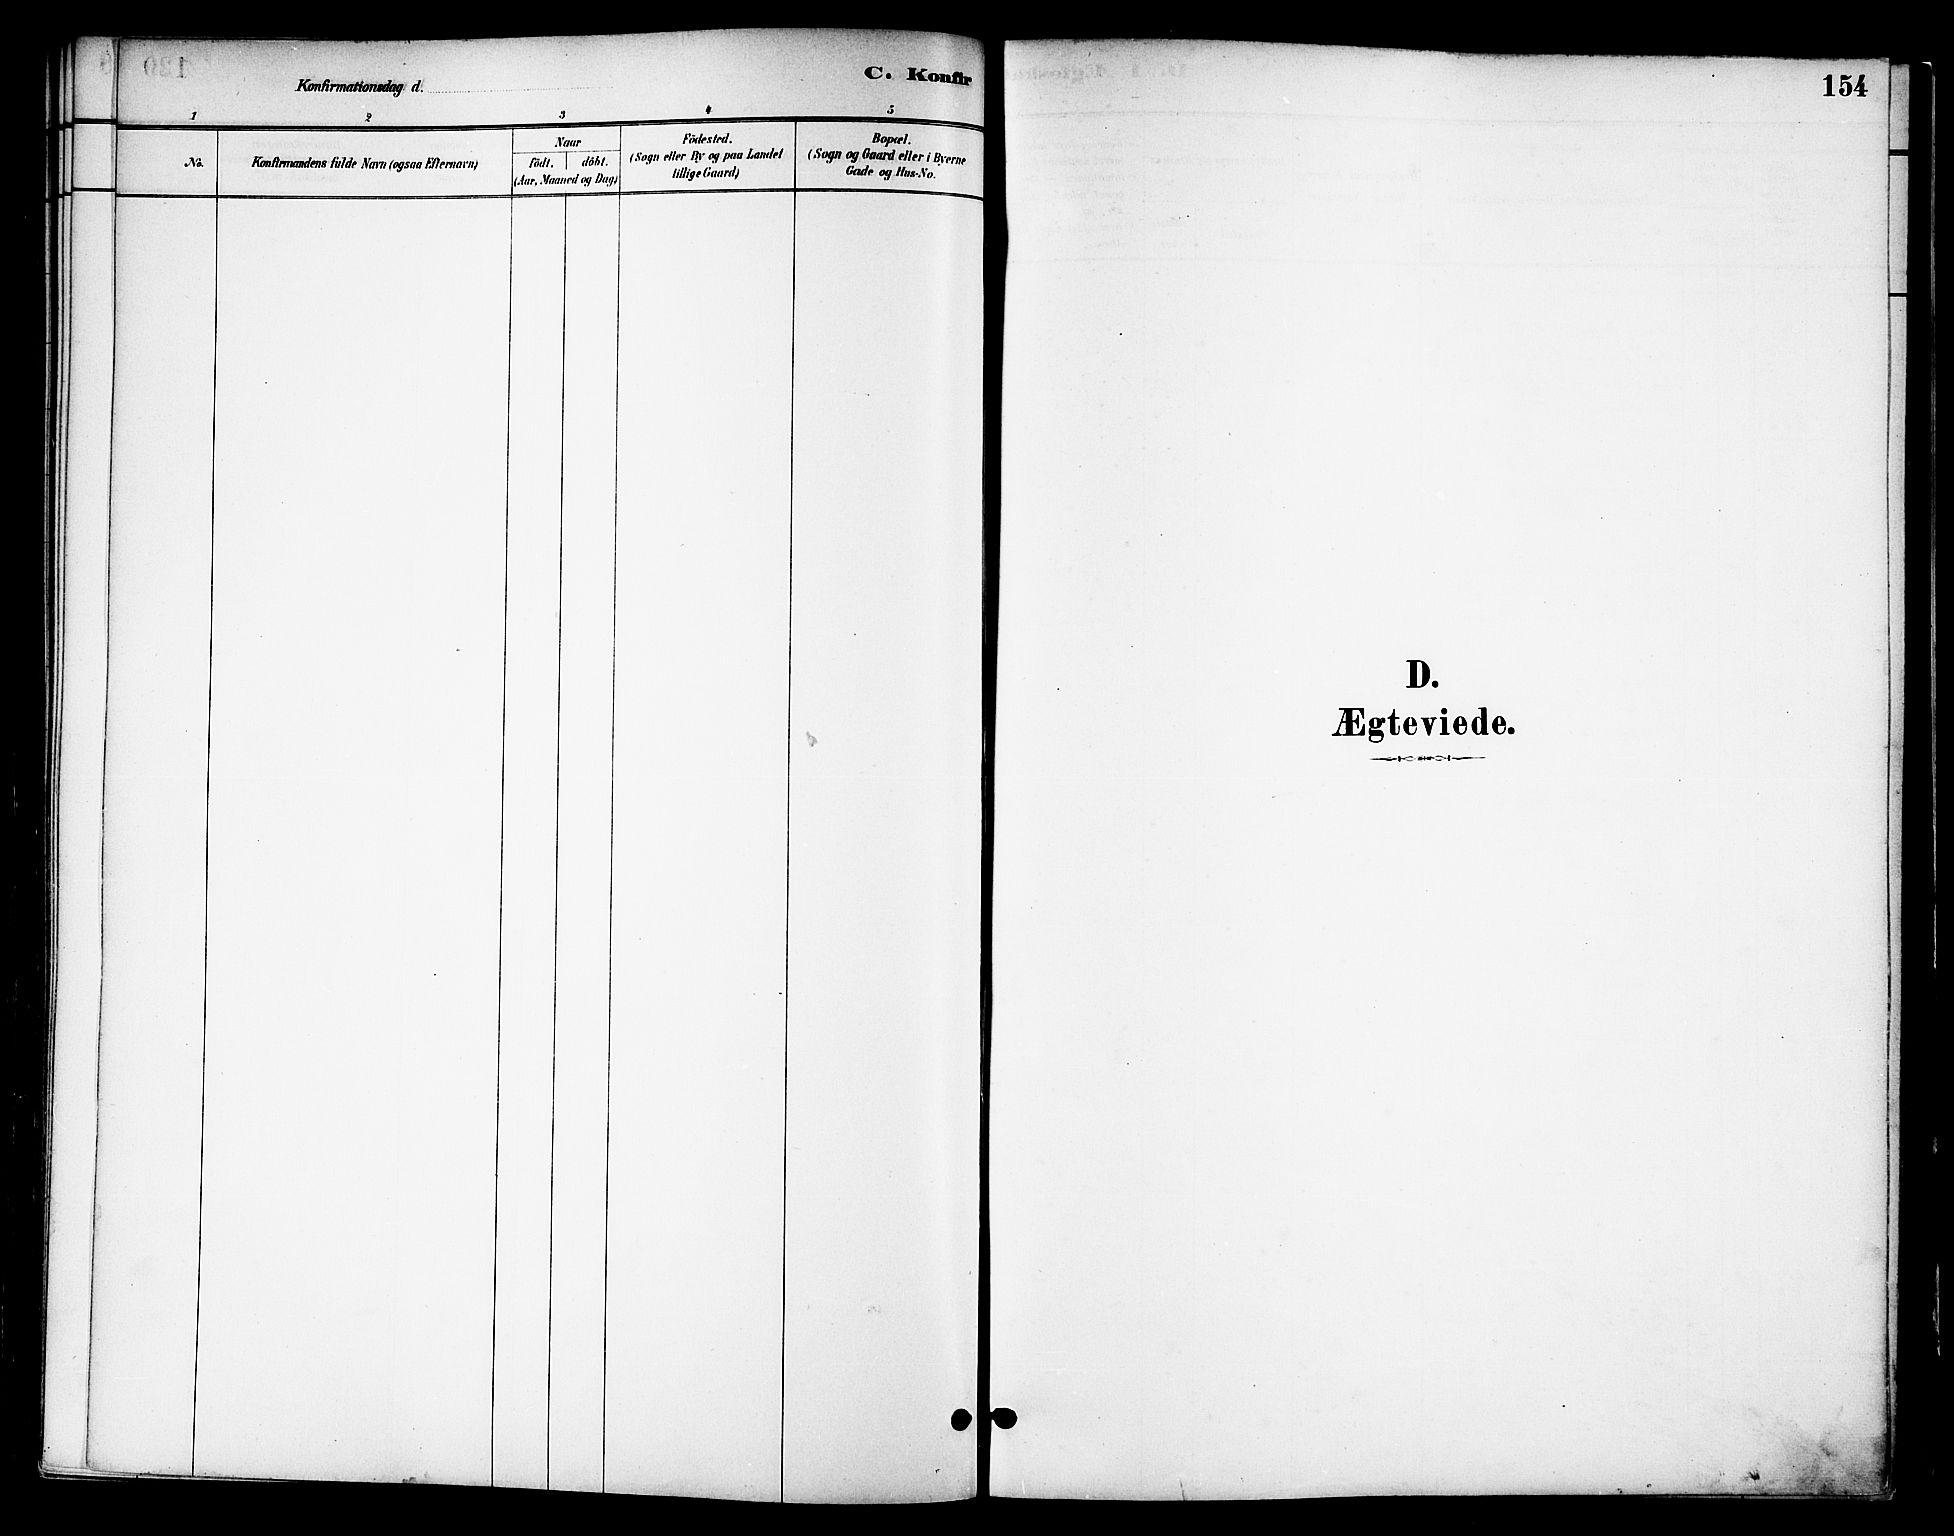 SAT, Ministerialprotokoller, klokkerbøker og fødselsregistre - Nord-Trøndelag, 739/L0371: Ministerialbok nr. 739A03, 1881-1895, s. 154